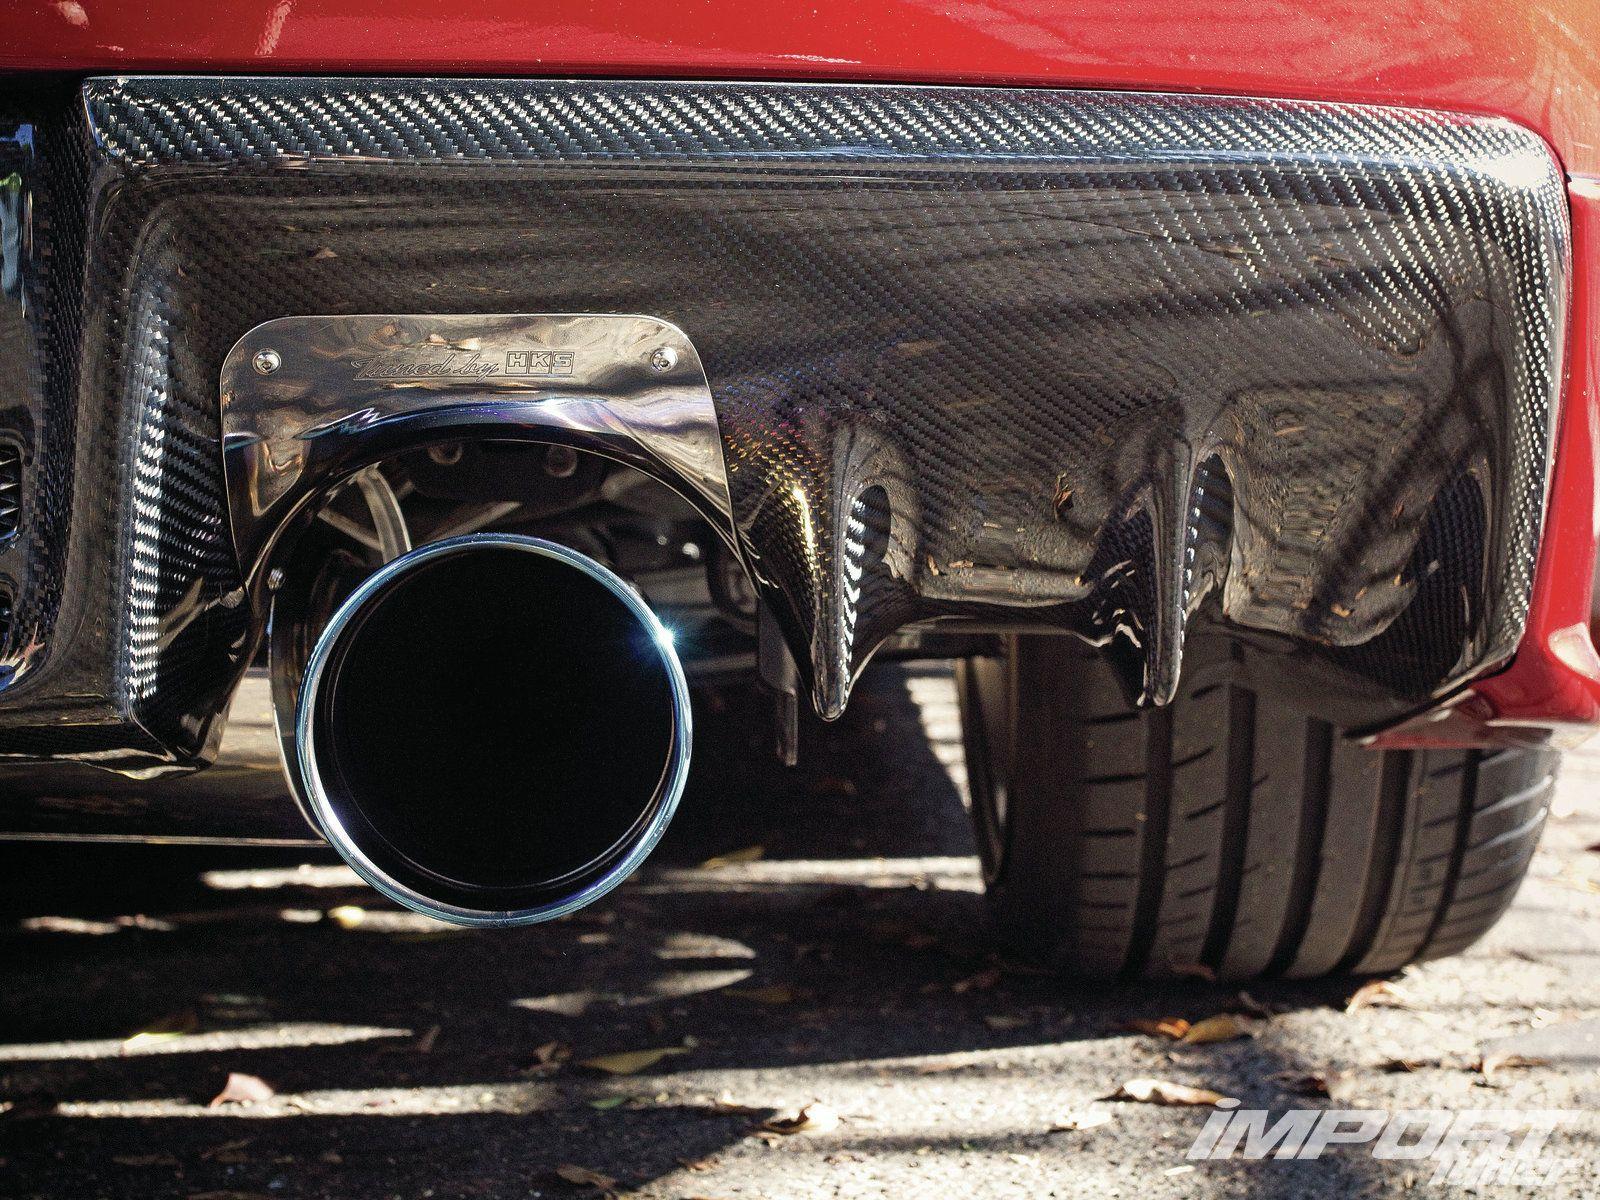 evo x seibon carbon fiber rear diffuser